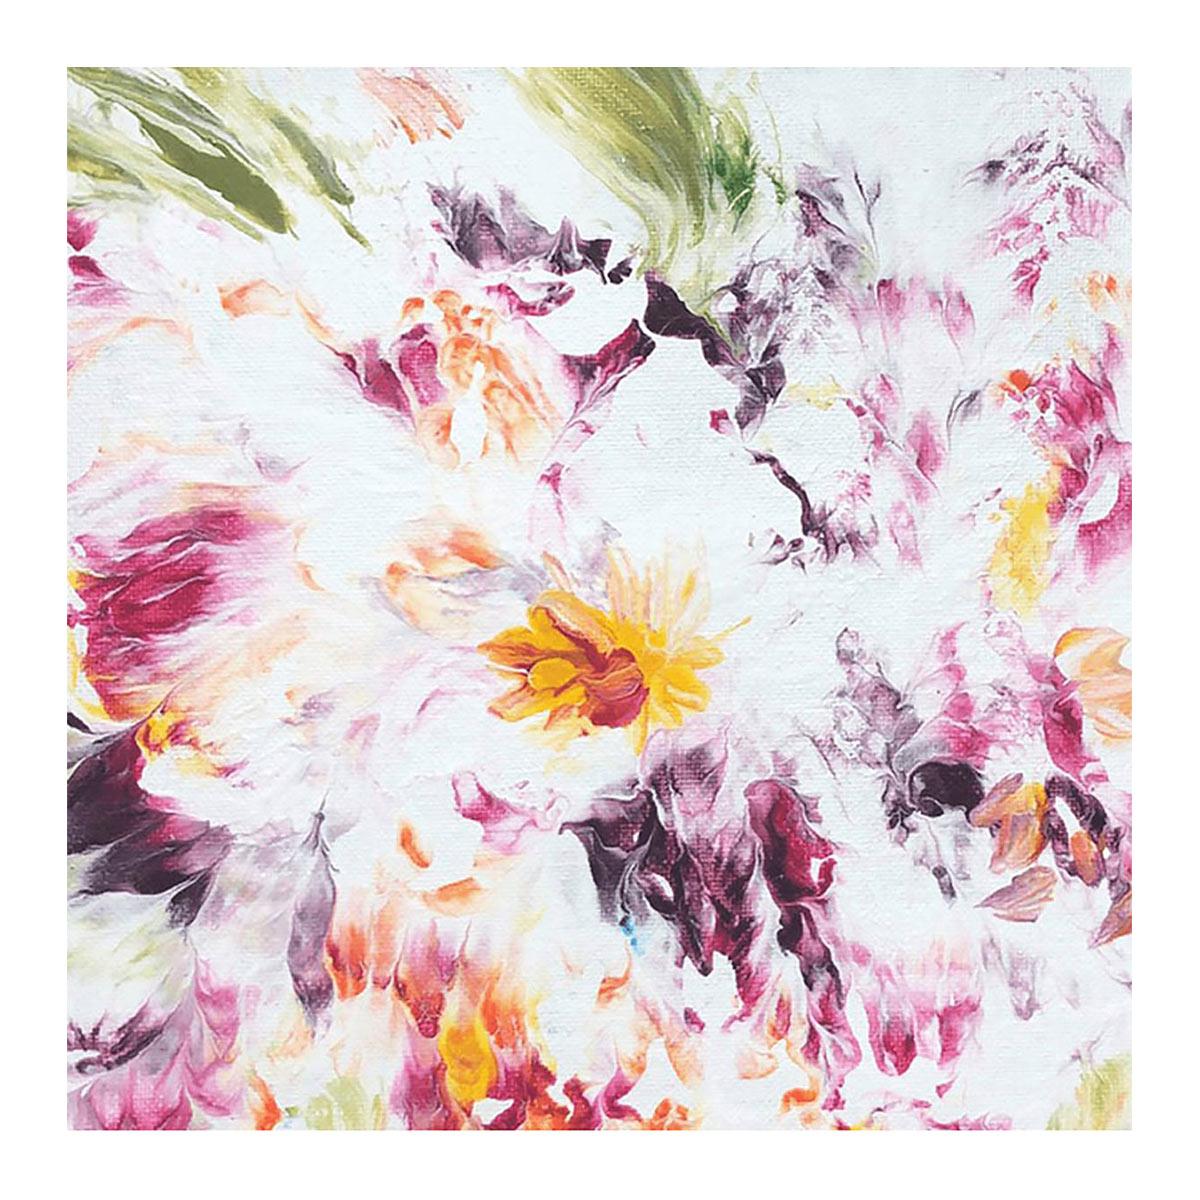 FA001 Набор для творчества Картина в стиле fluid art 'Цветы' 30*30см